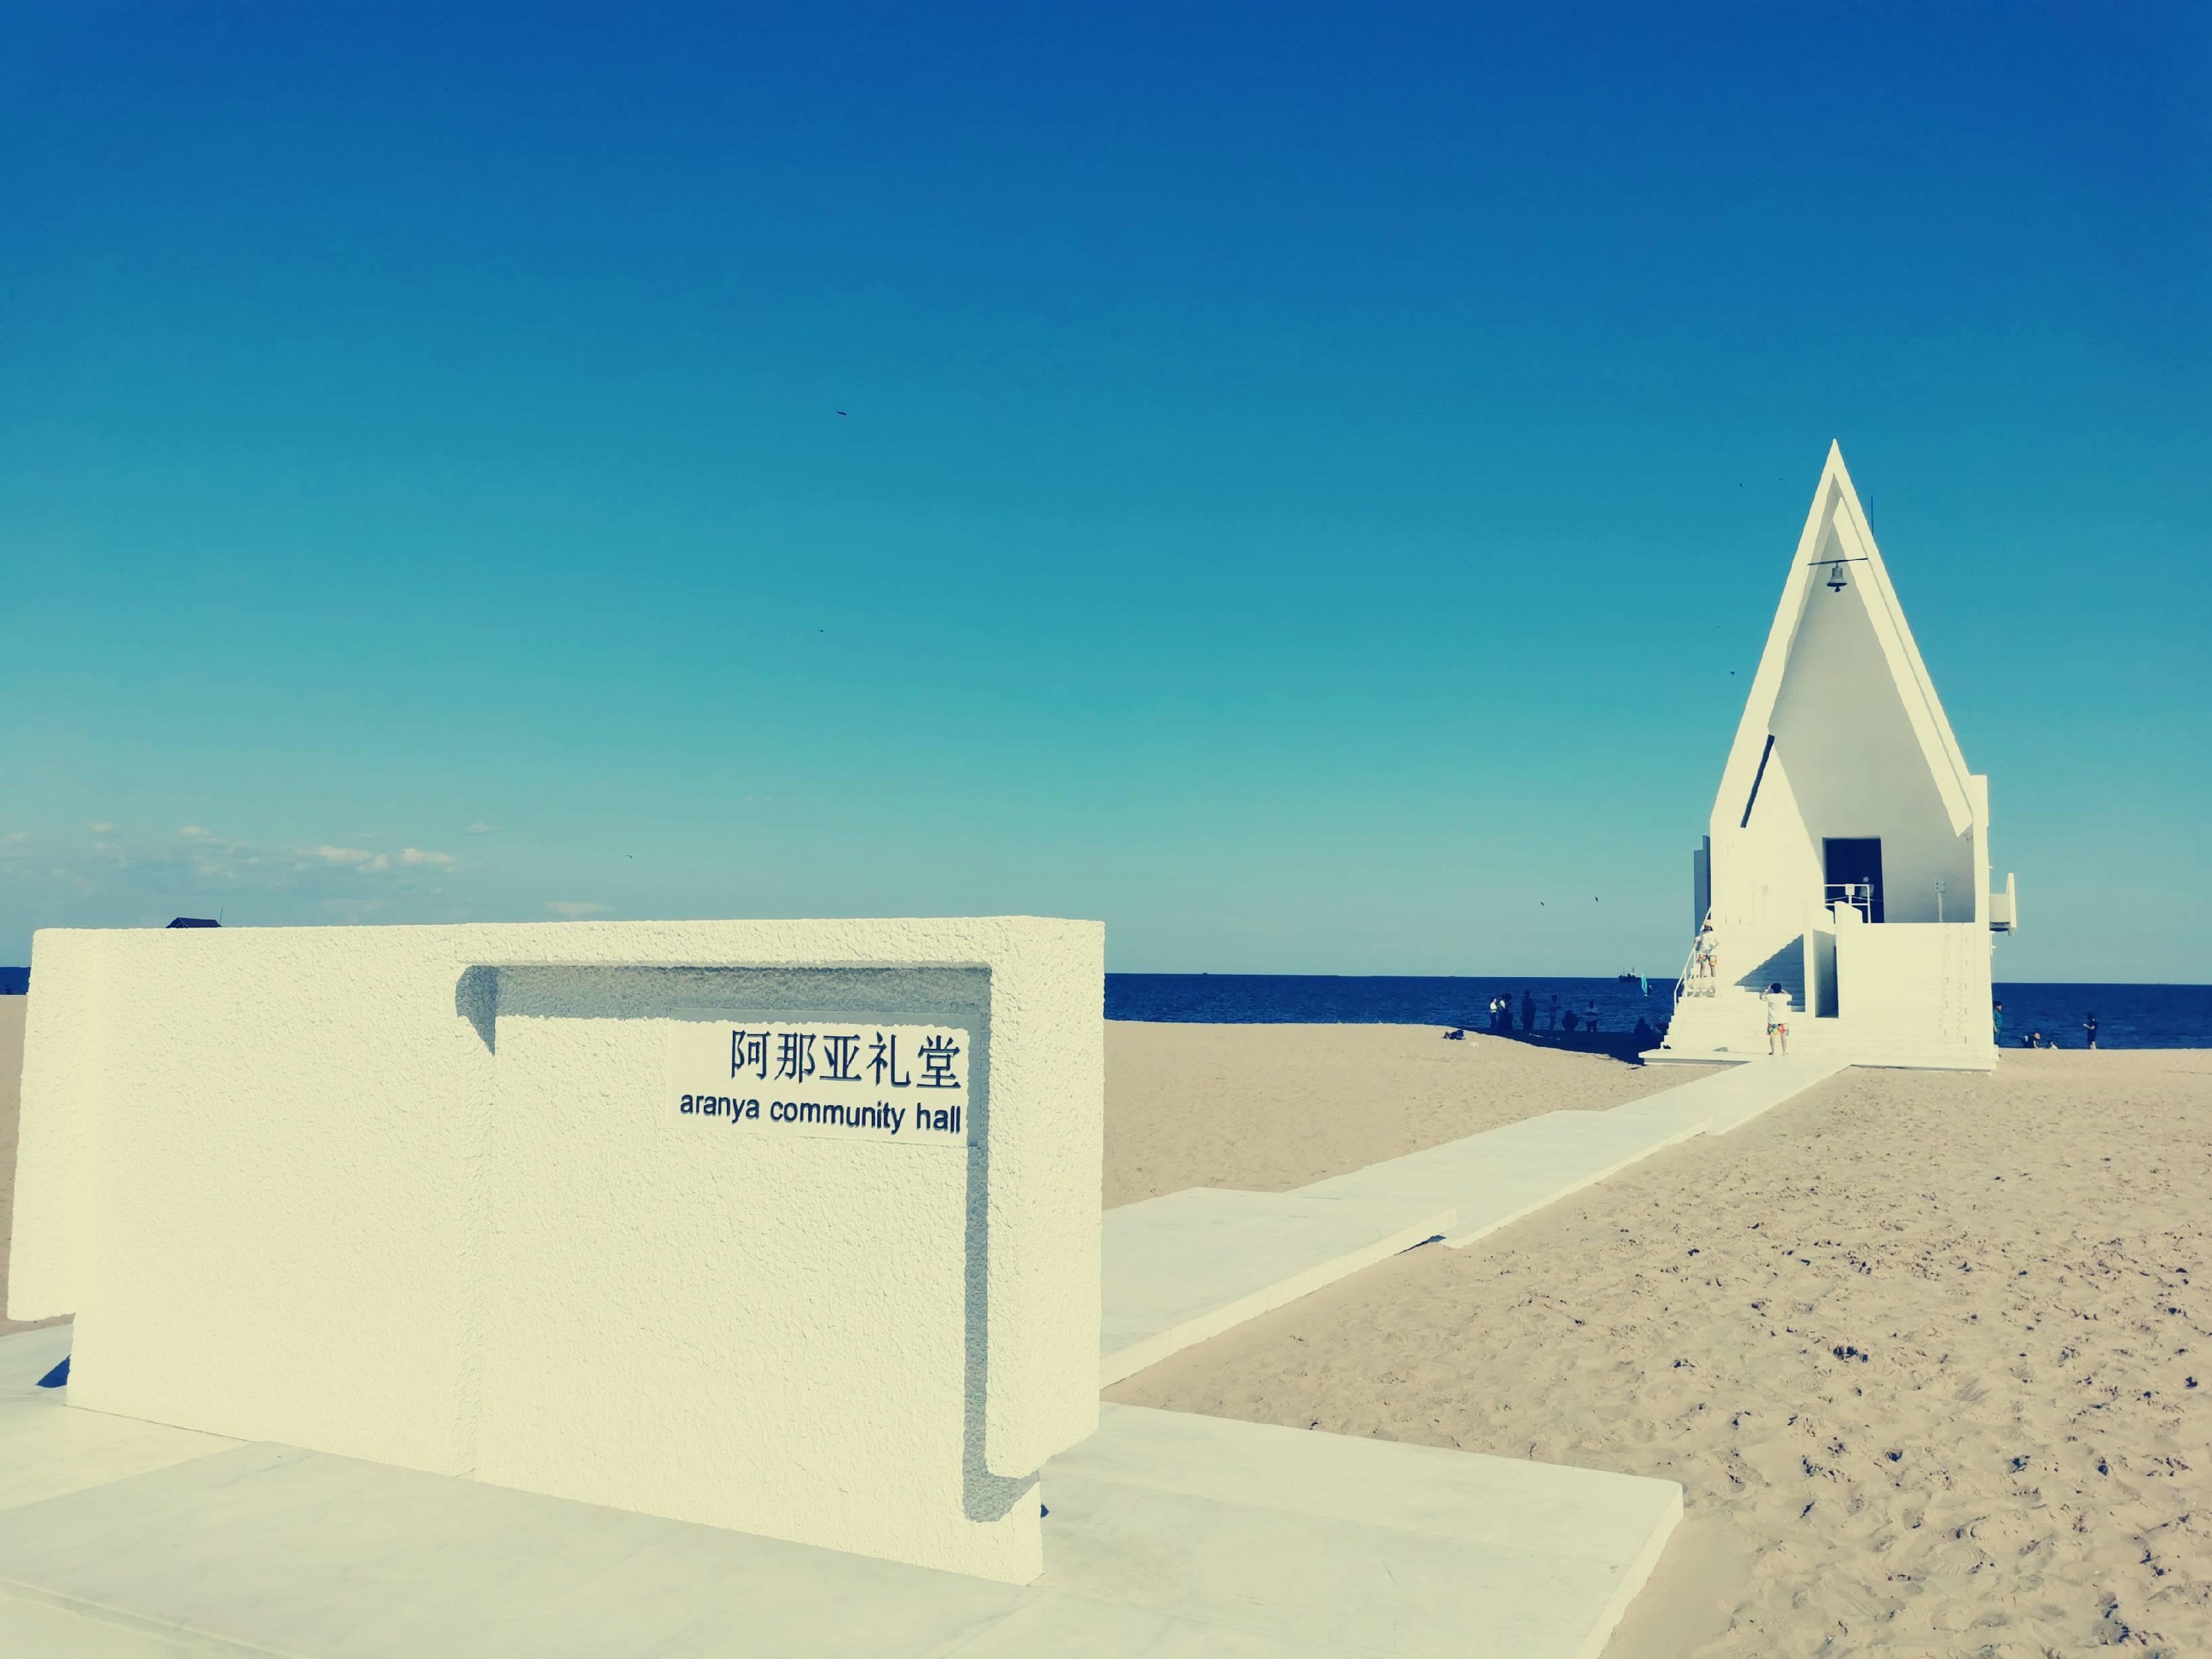 【秦皇岛旅游景点优惠门票】秦皇岛旅游景点推荐